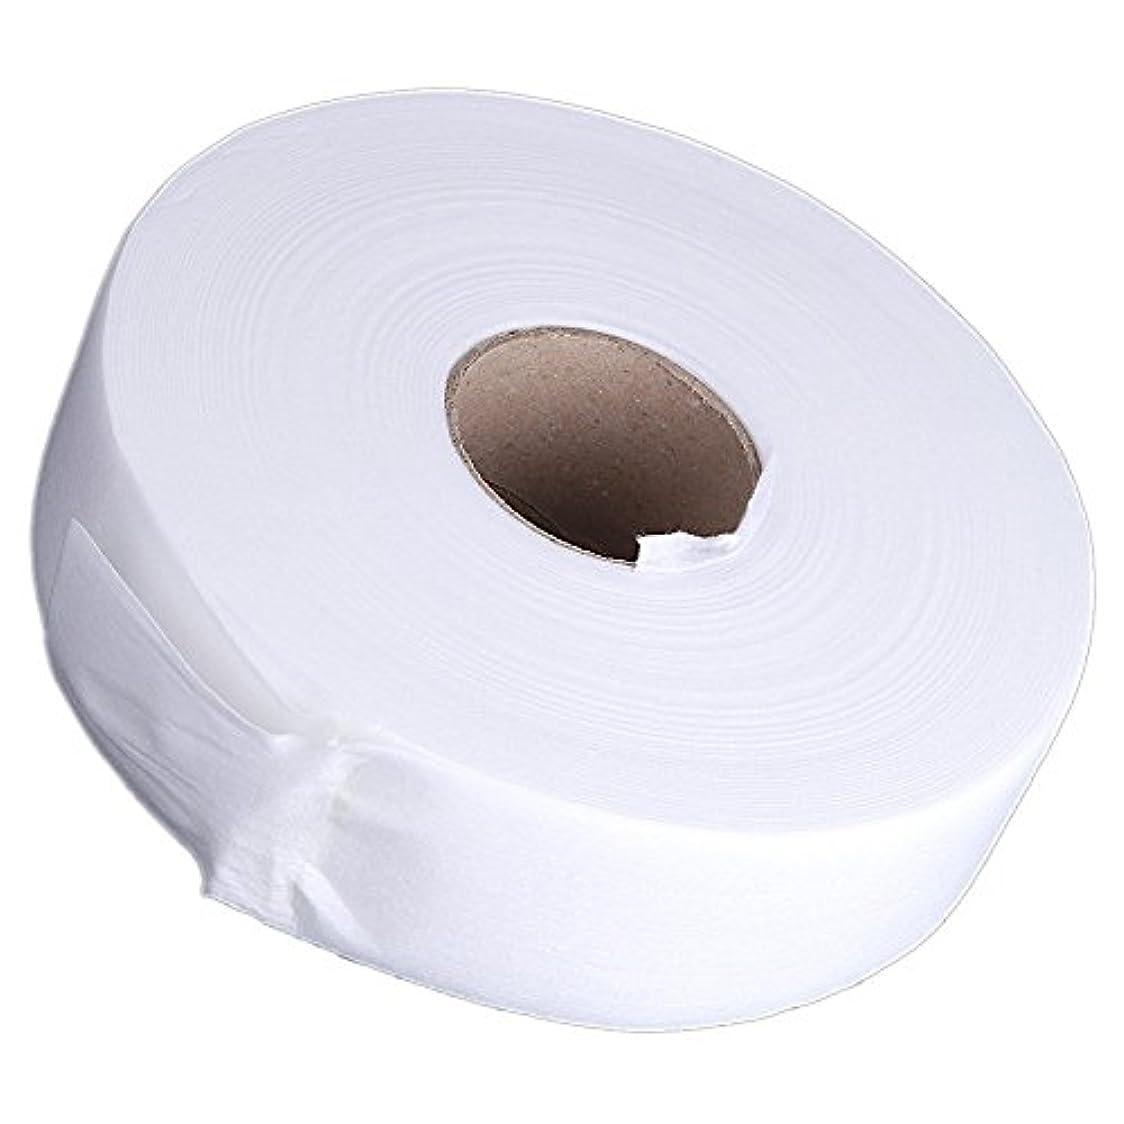 葉っぱアラブ人差し指CUHAWUDBA 100ヤードの脱毛紙脱毛ワックスストリップ 不織布ペーパーワックスロール(白)